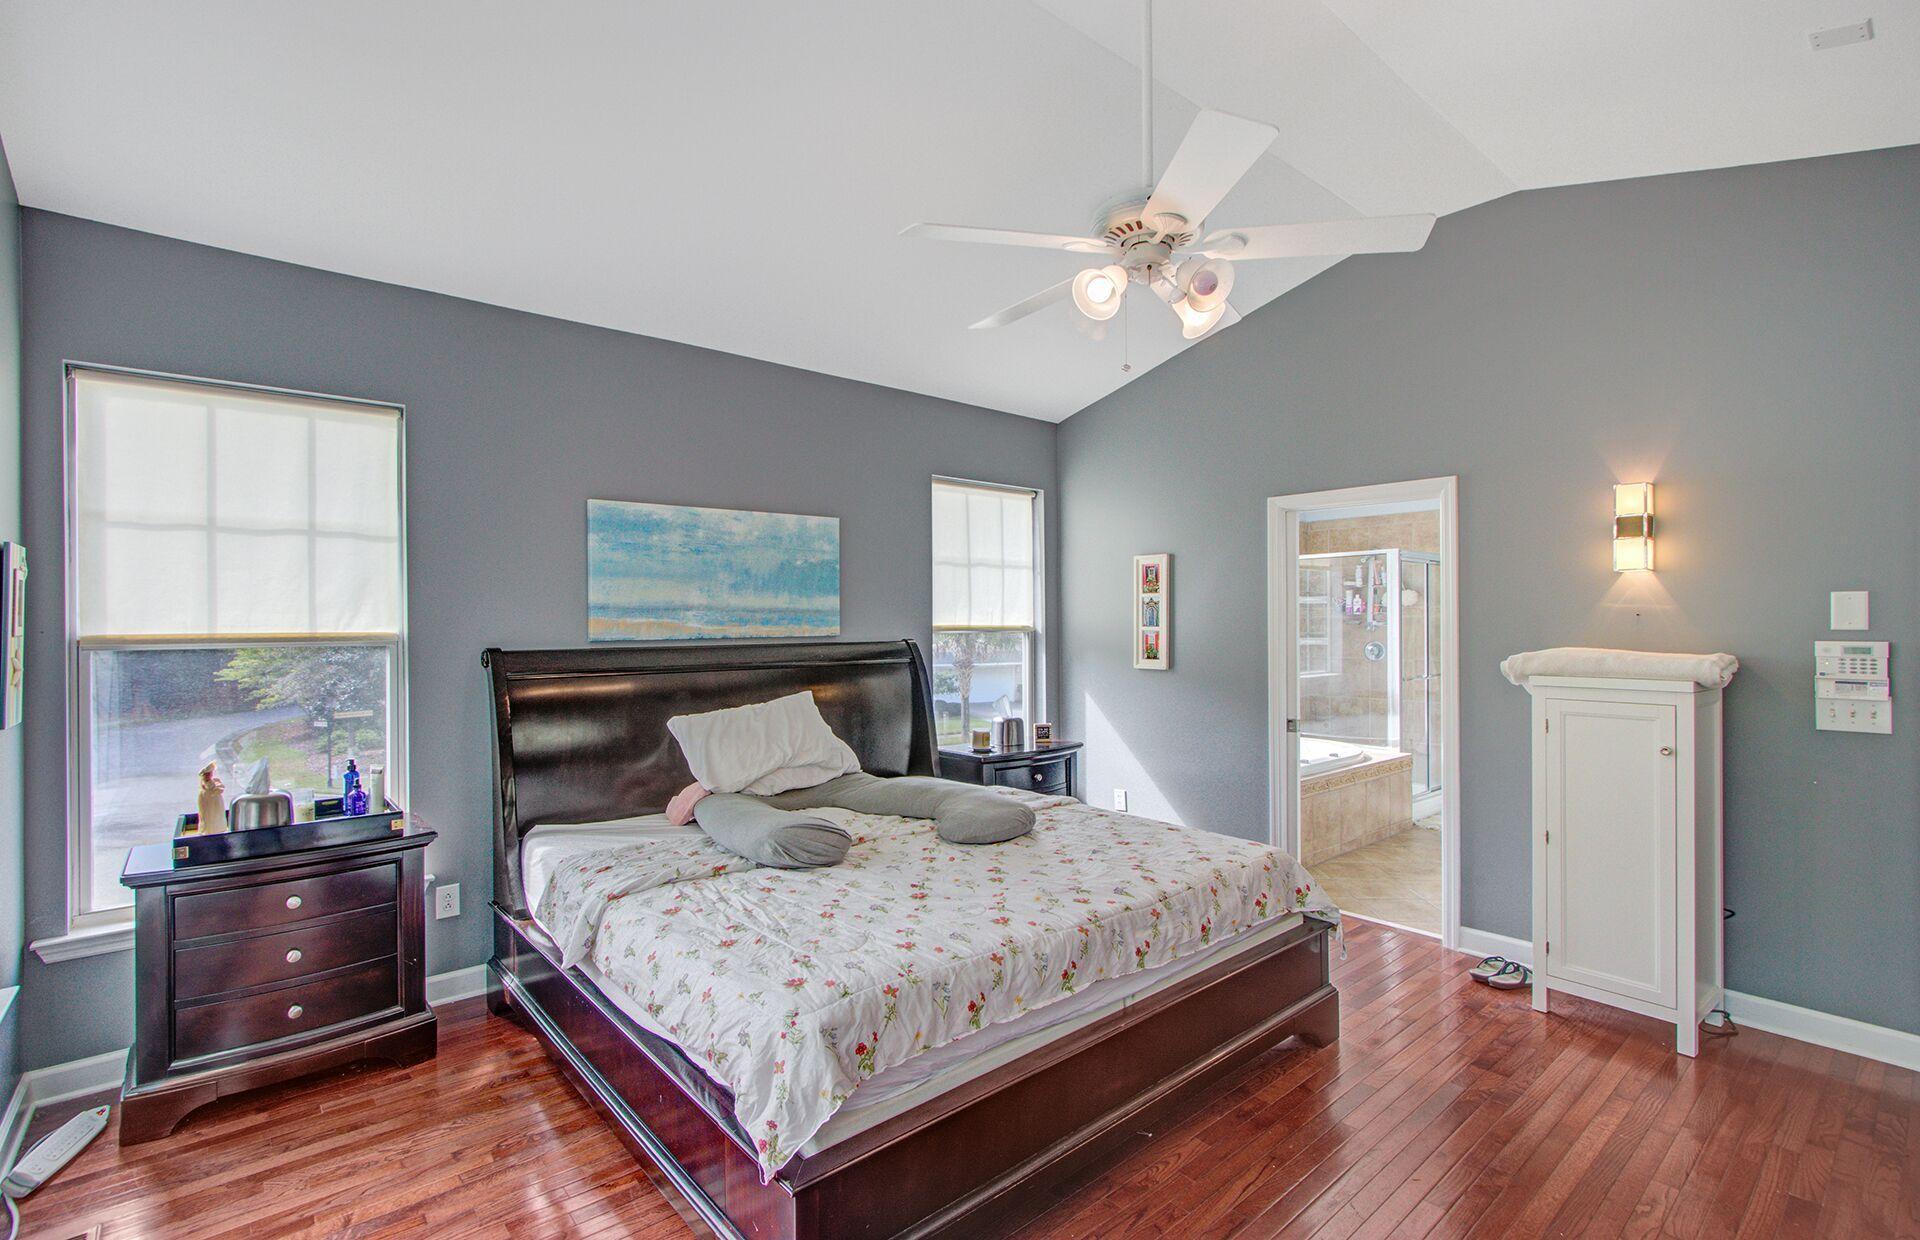 Dunes West Homes For Sale - 100 Fair Sailing, Mount Pleasant, SC - 18